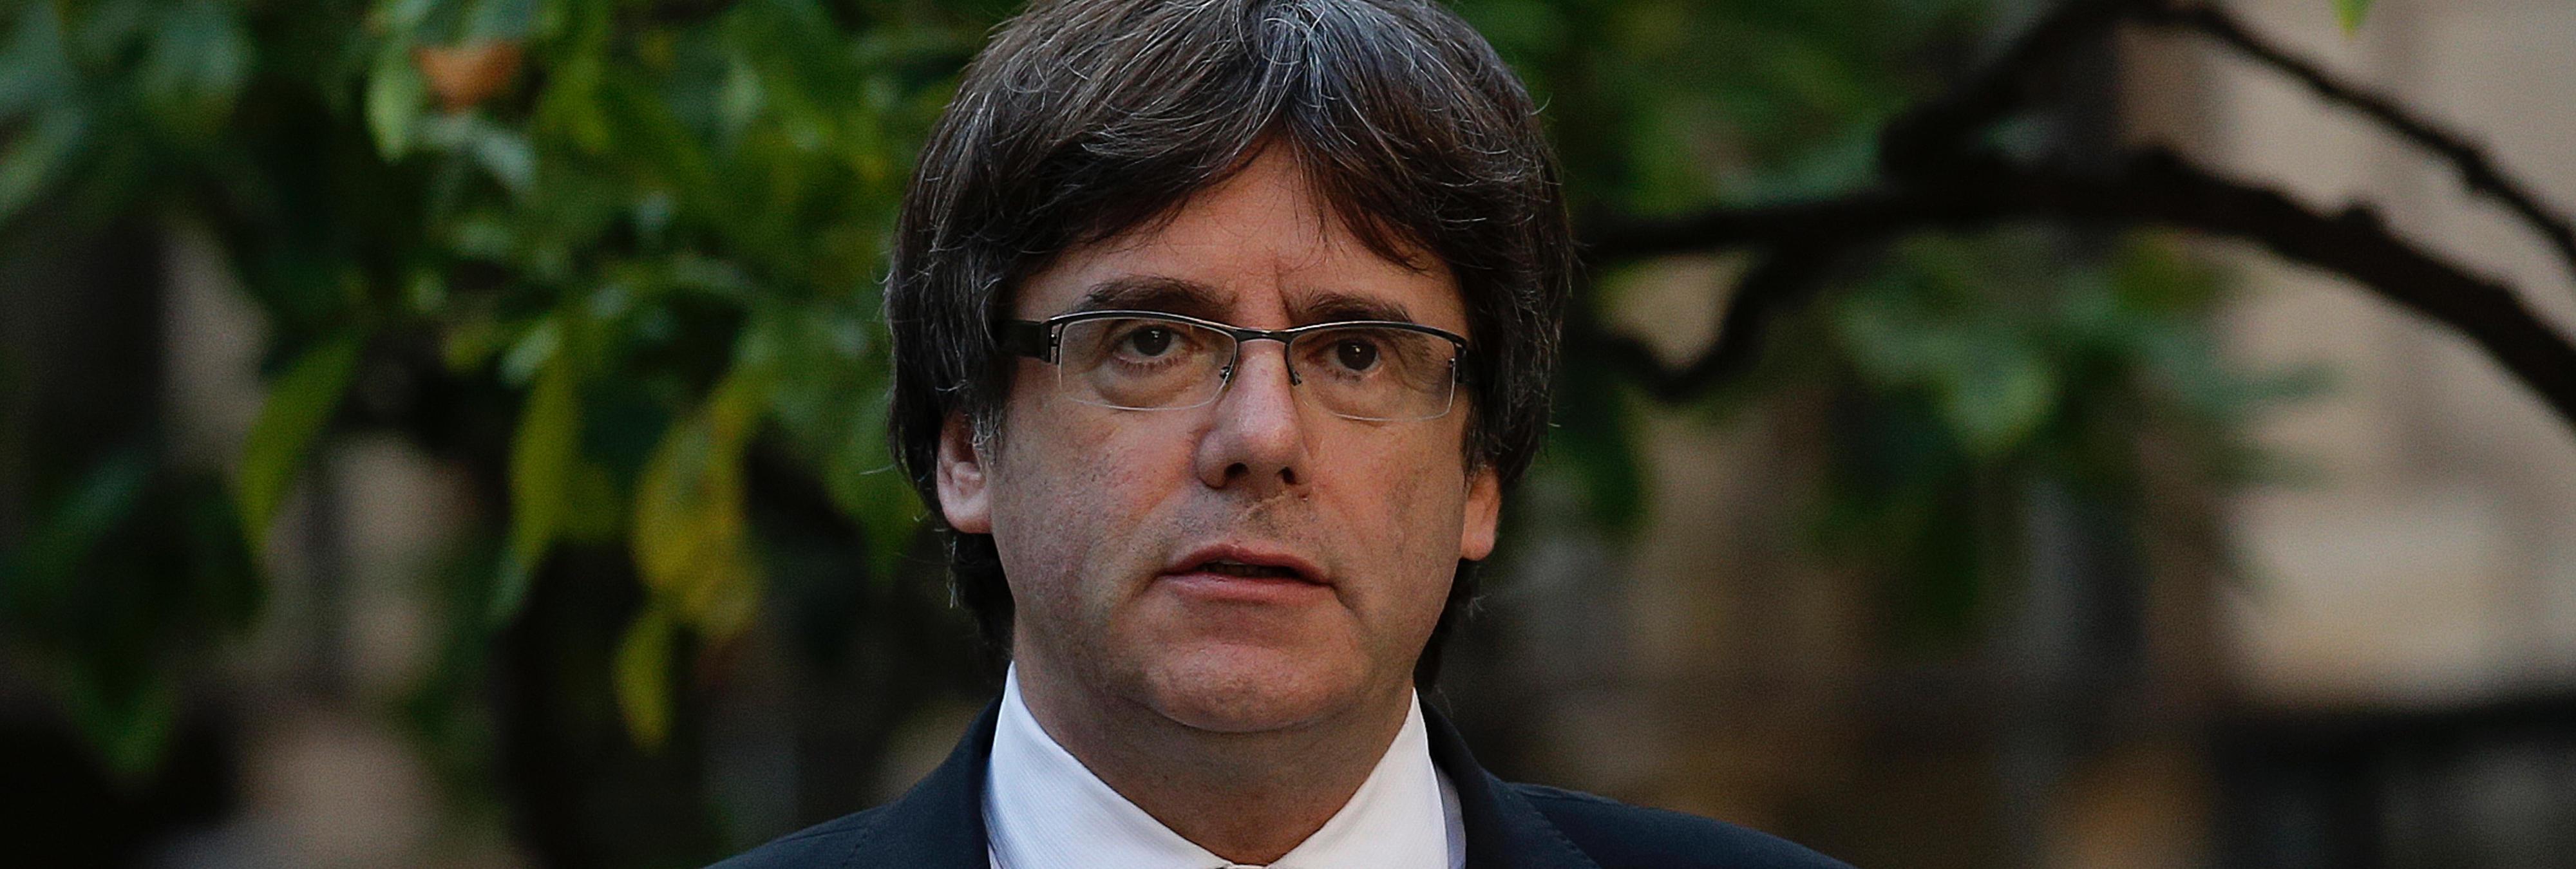 Puigdemont cobrará más de 9.000 euros al mes cuando reconozca el cese de su cargo